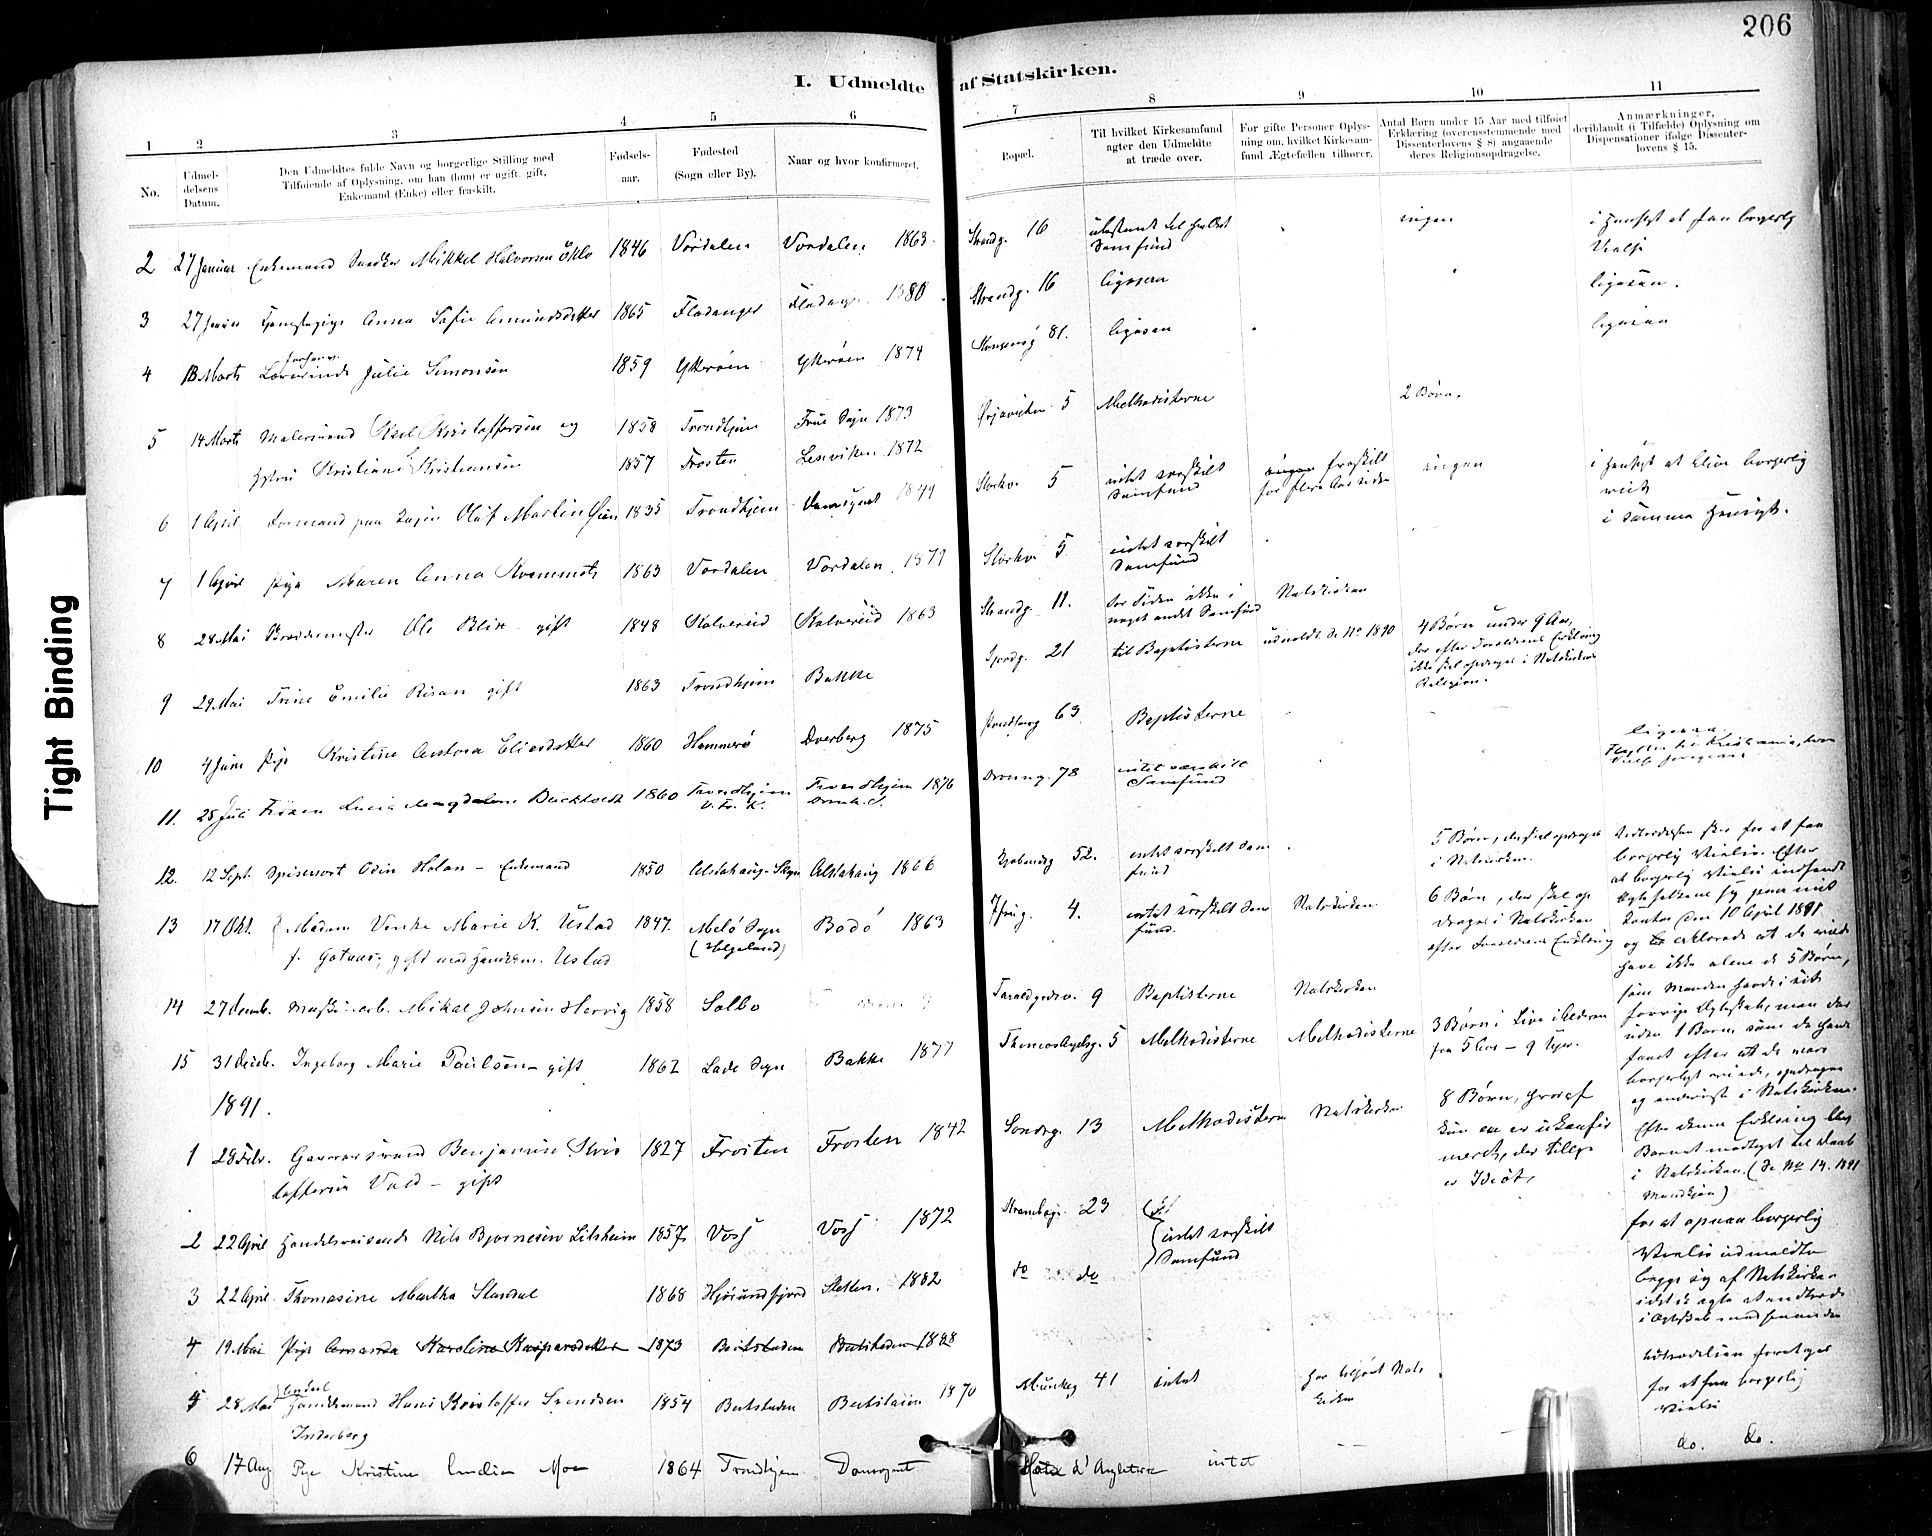 SAT, Ministerialprotokoller, klokkerbøker og fødselsregistre - Sør-Trøndelag, 602/L0120: Ministerialbok nr. 602A18, 1880-1913, s. 206